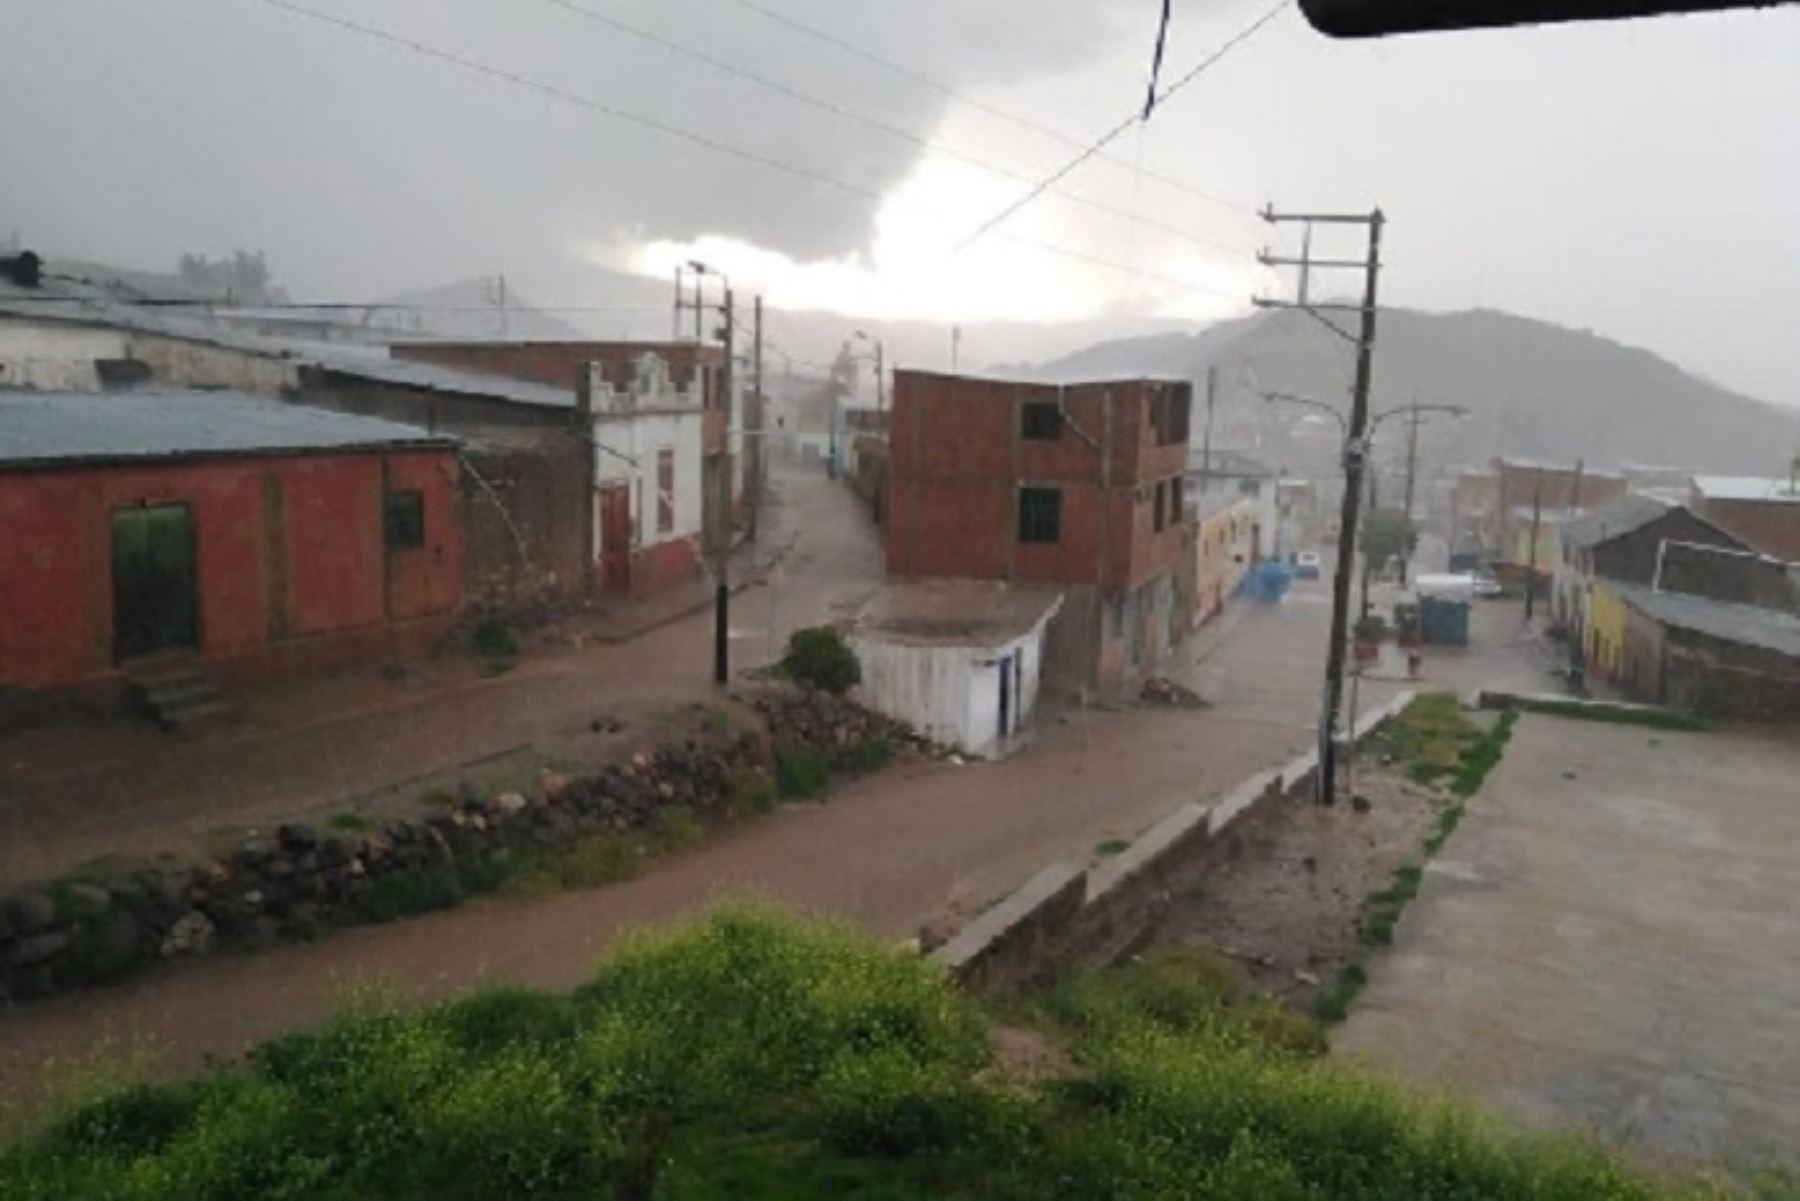 El Senamhi emitió el aviso meteorológico N° 014 (nivel 4) respecto a lluvias en la Sierra, las mismas que se iniciaron este mediodía y se extenderá hasta el miércoles 22 de enero.